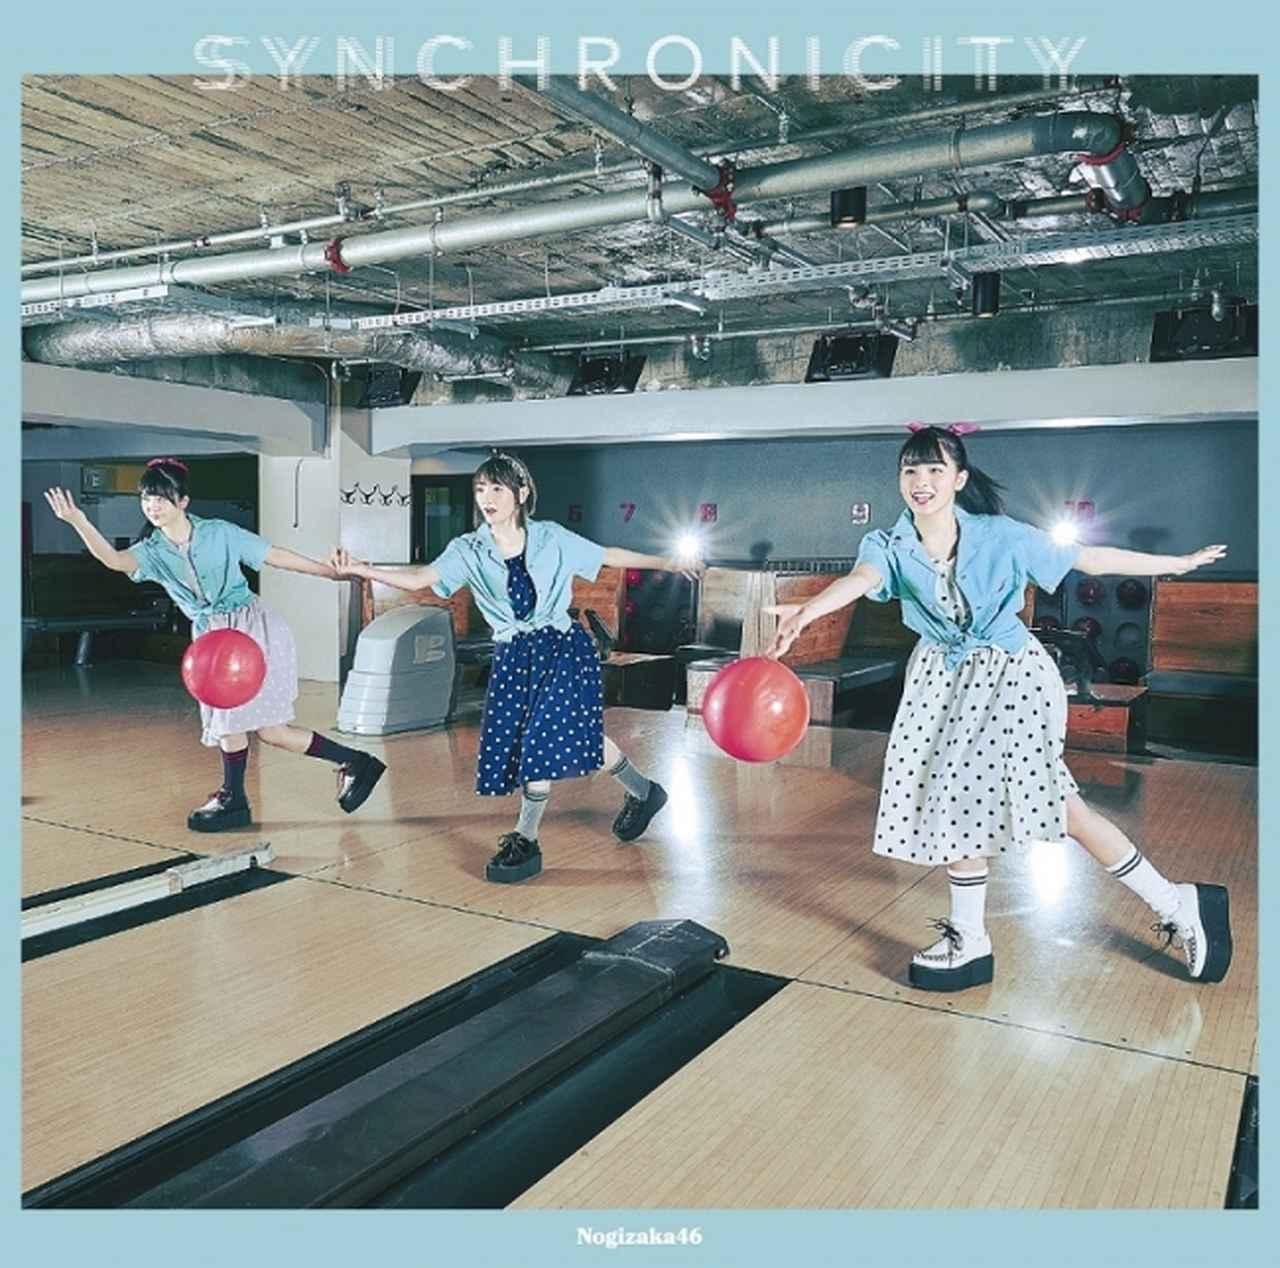 画像3: 2018年4月25日(水)発売 乃木坂46 20thシングル『シンクロニシティ』